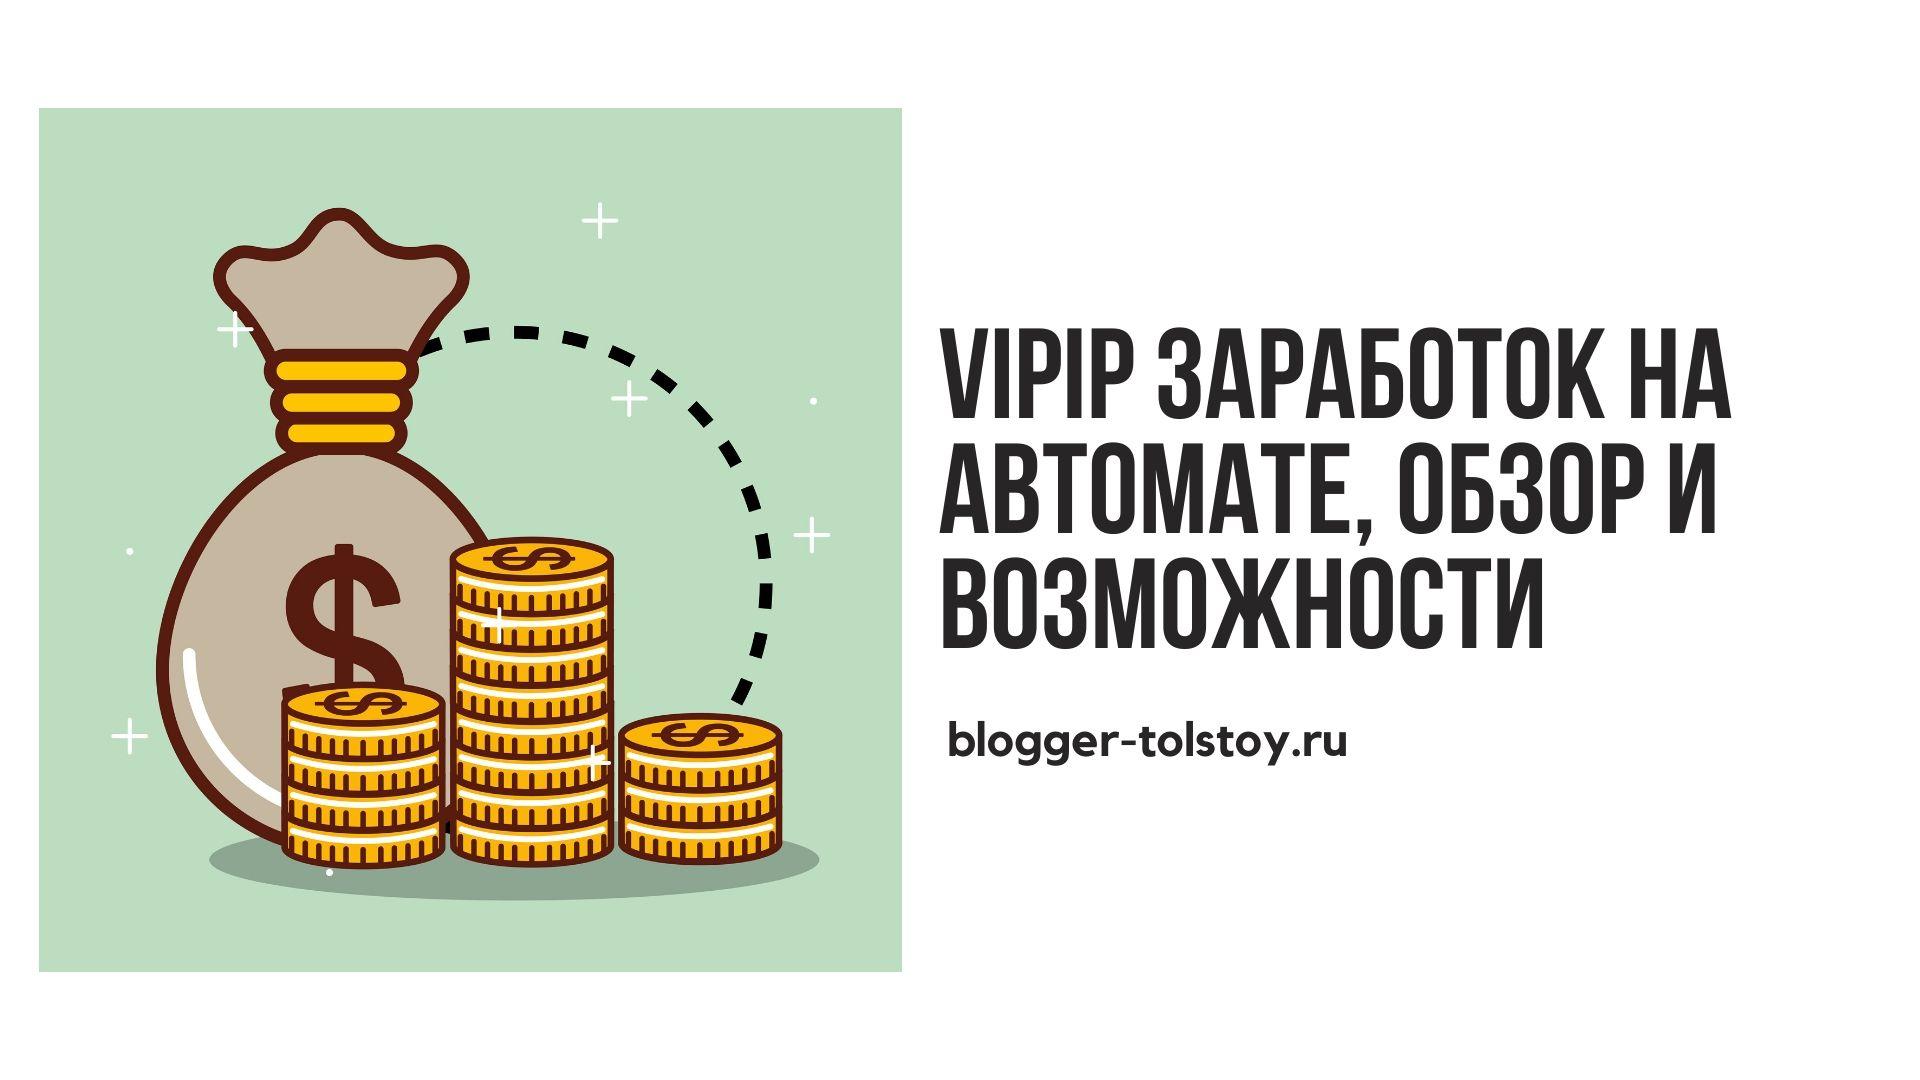 vipipзаработок на автомате, обзор и возможности